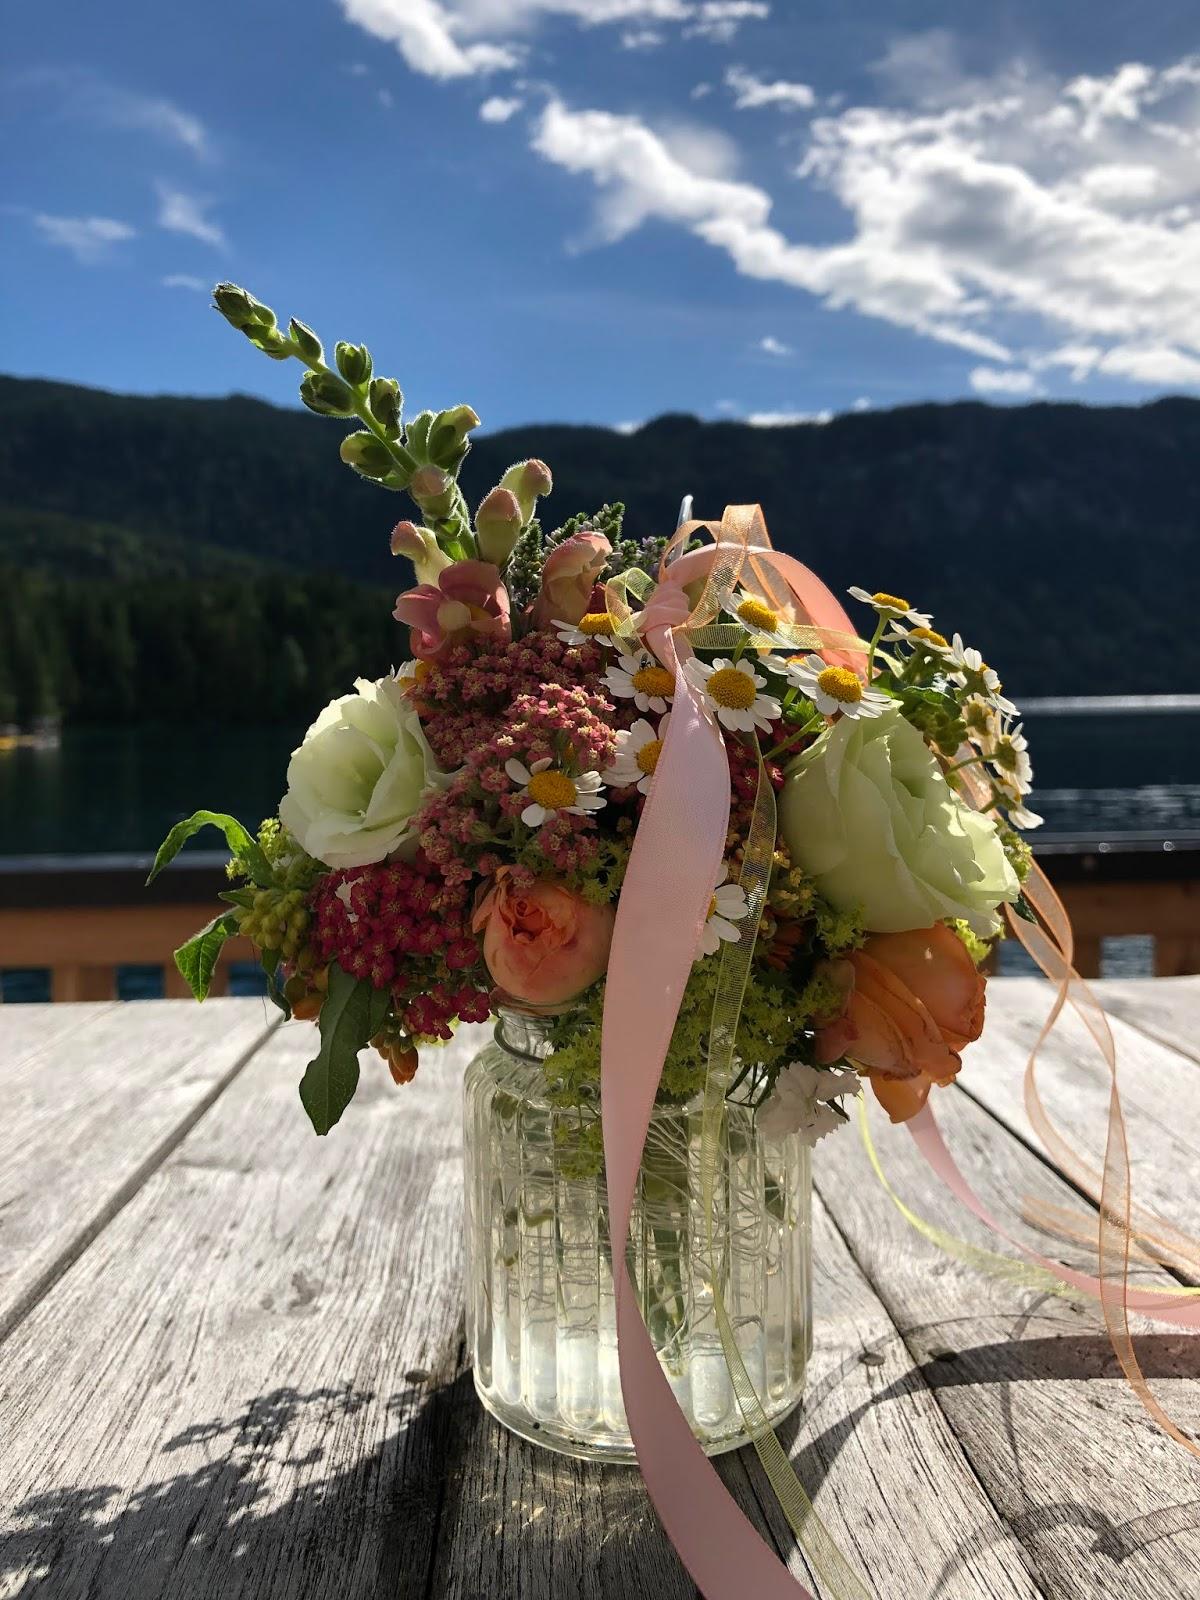 Hochzeit am See, Berghochzeit, mountain wedding, destination wedding Germany, heiraten in Bayern, Eibsee, Grainau, Zugspitze, Hochzeitsplanerin Uschi Glas, wedding in Bavaria, Sommerhochzeit 2019